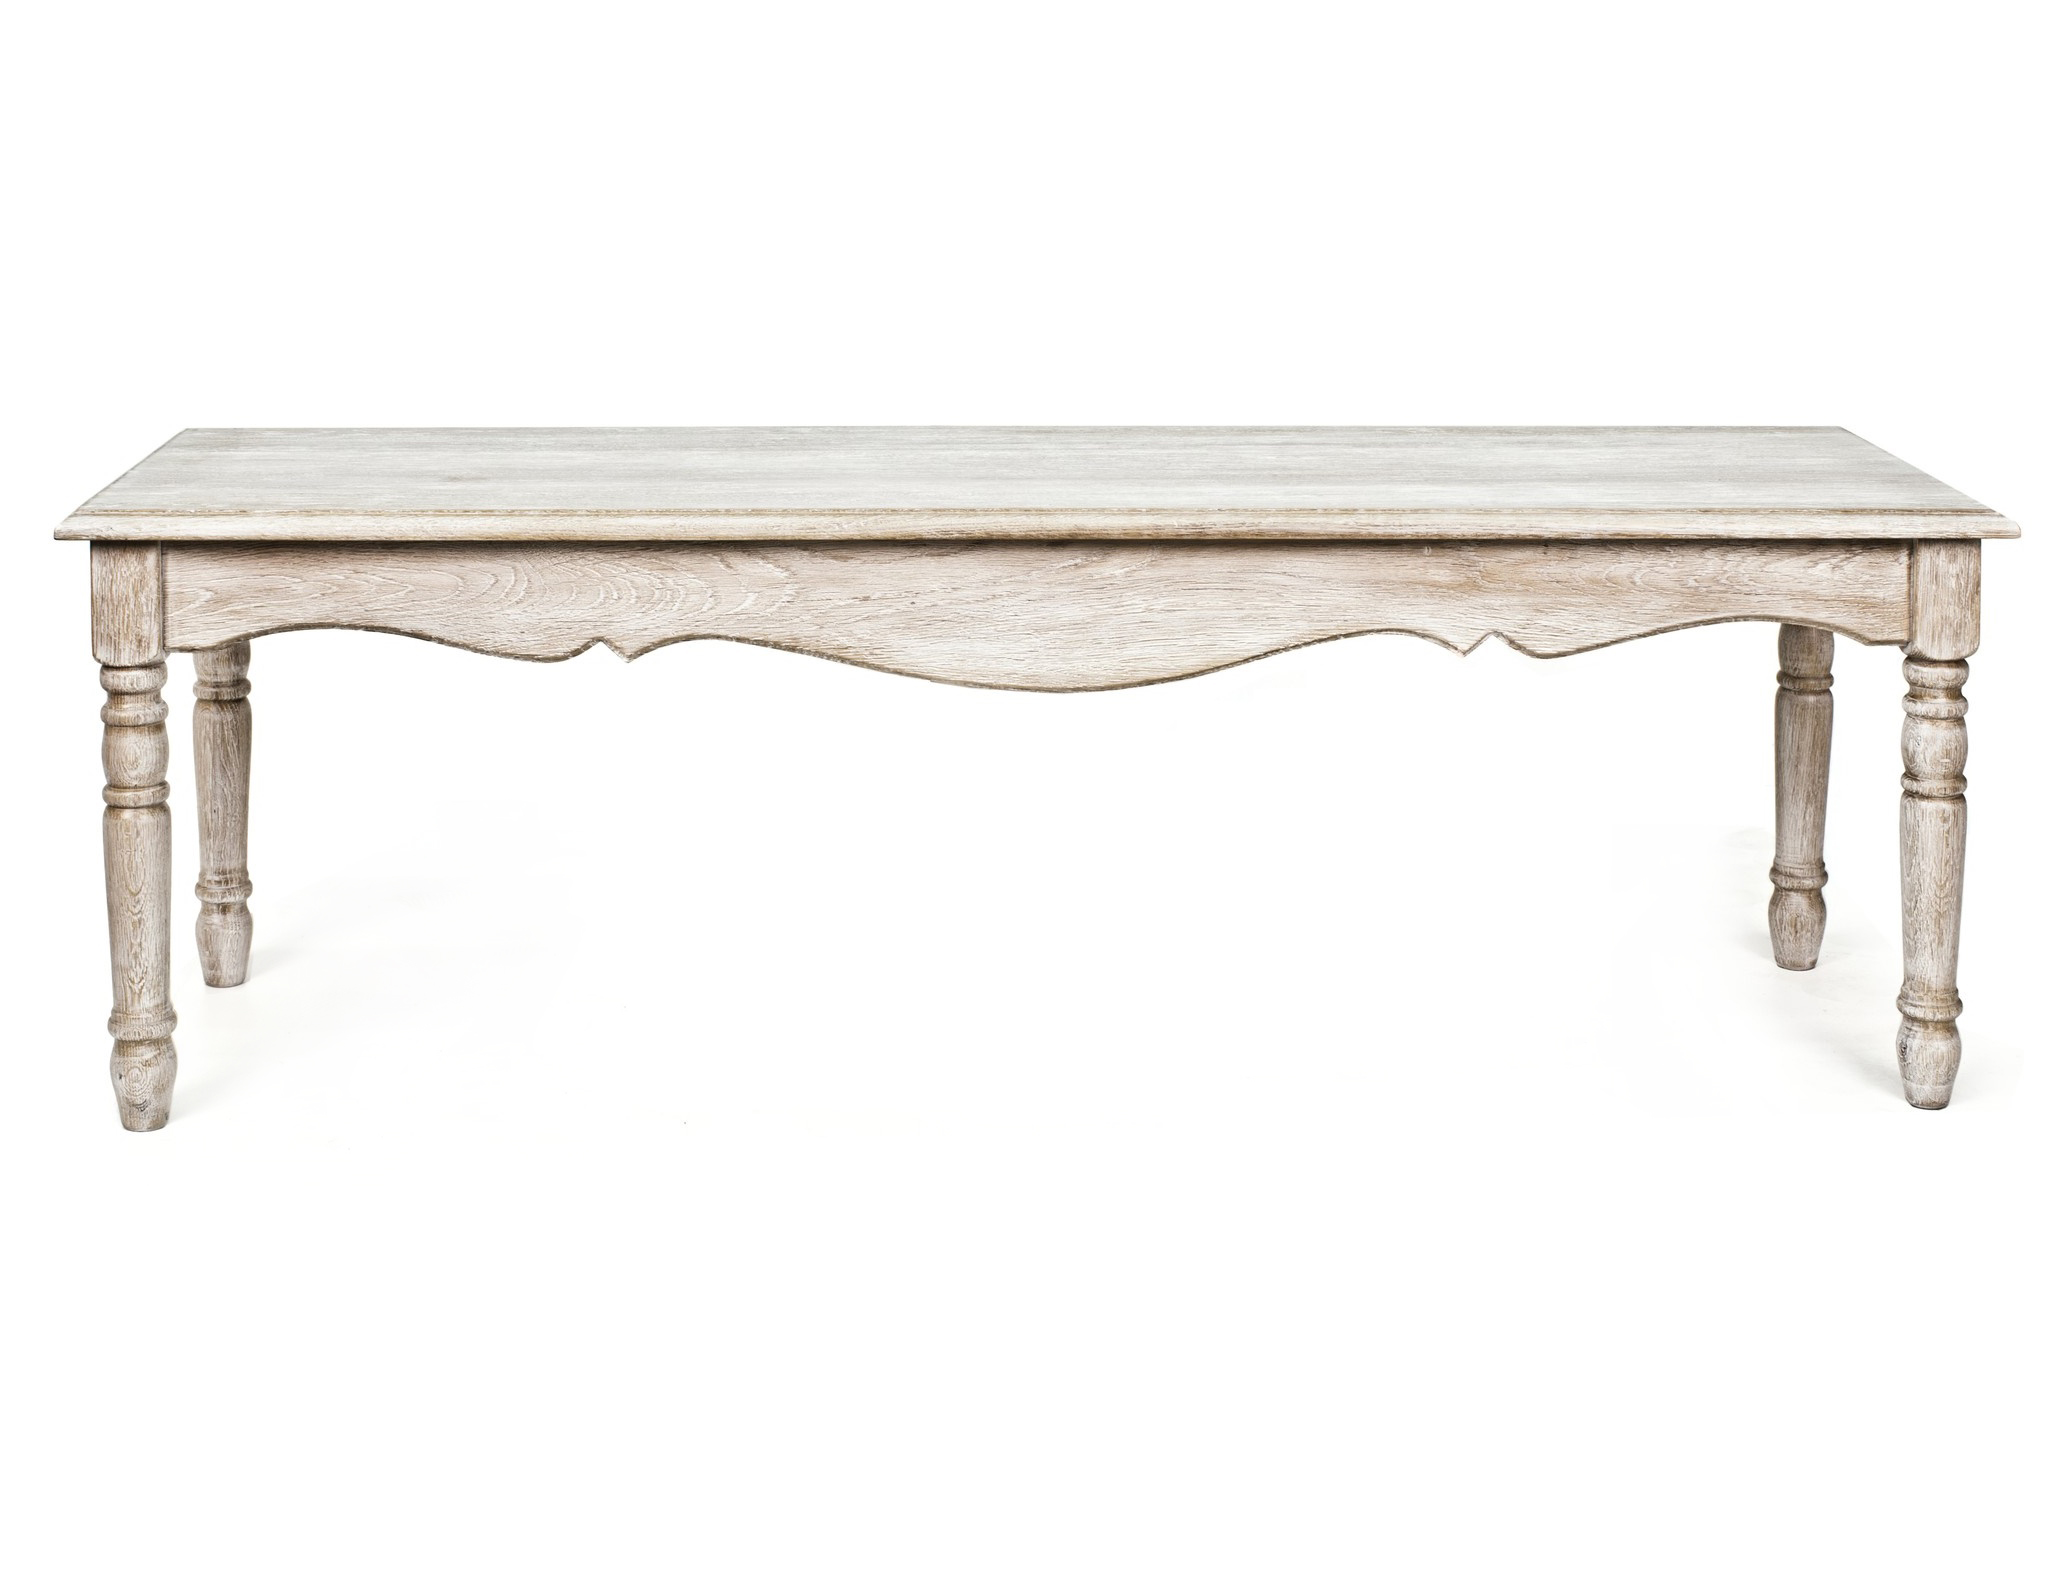 Консольный столик прикроватныйИнтерьерные консоли<br><br><br>Material: Дуб<br>Ширина см: 140<br>Высота см: 46<br>Глубина см: 42